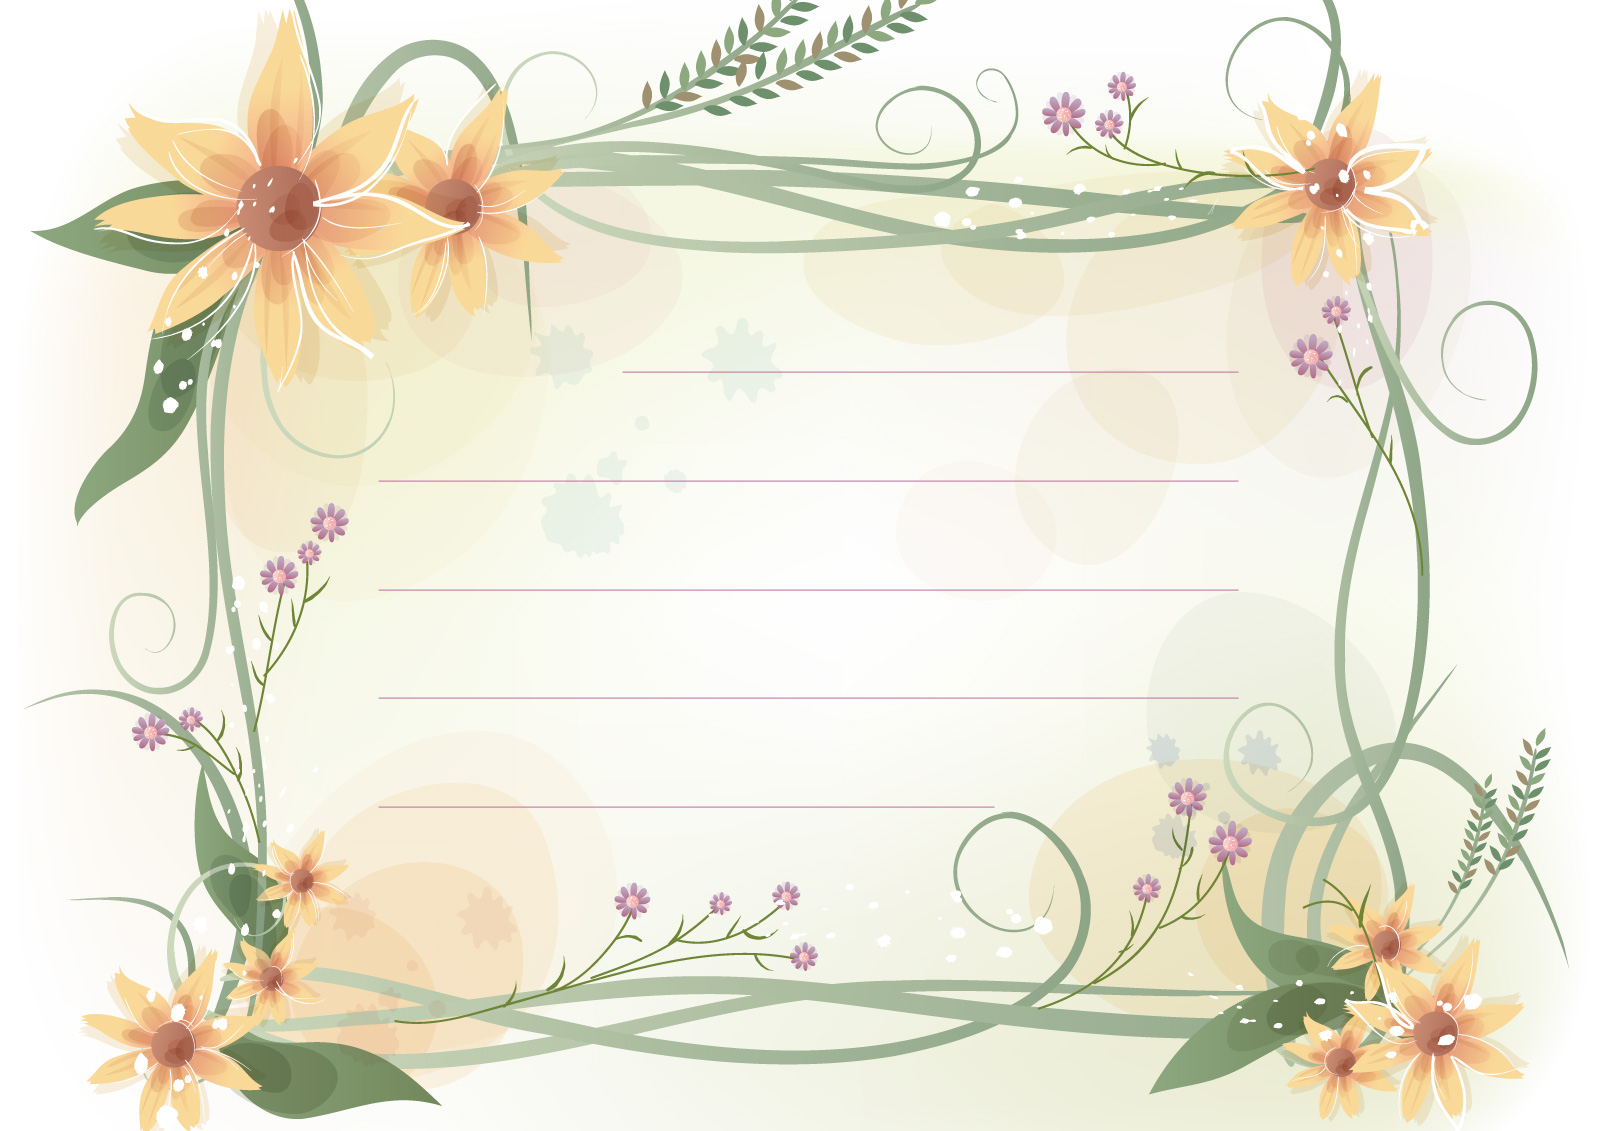 La p gina de inesita bonitas plantillas para cartas - Plantillas para dibujar en la pared ...